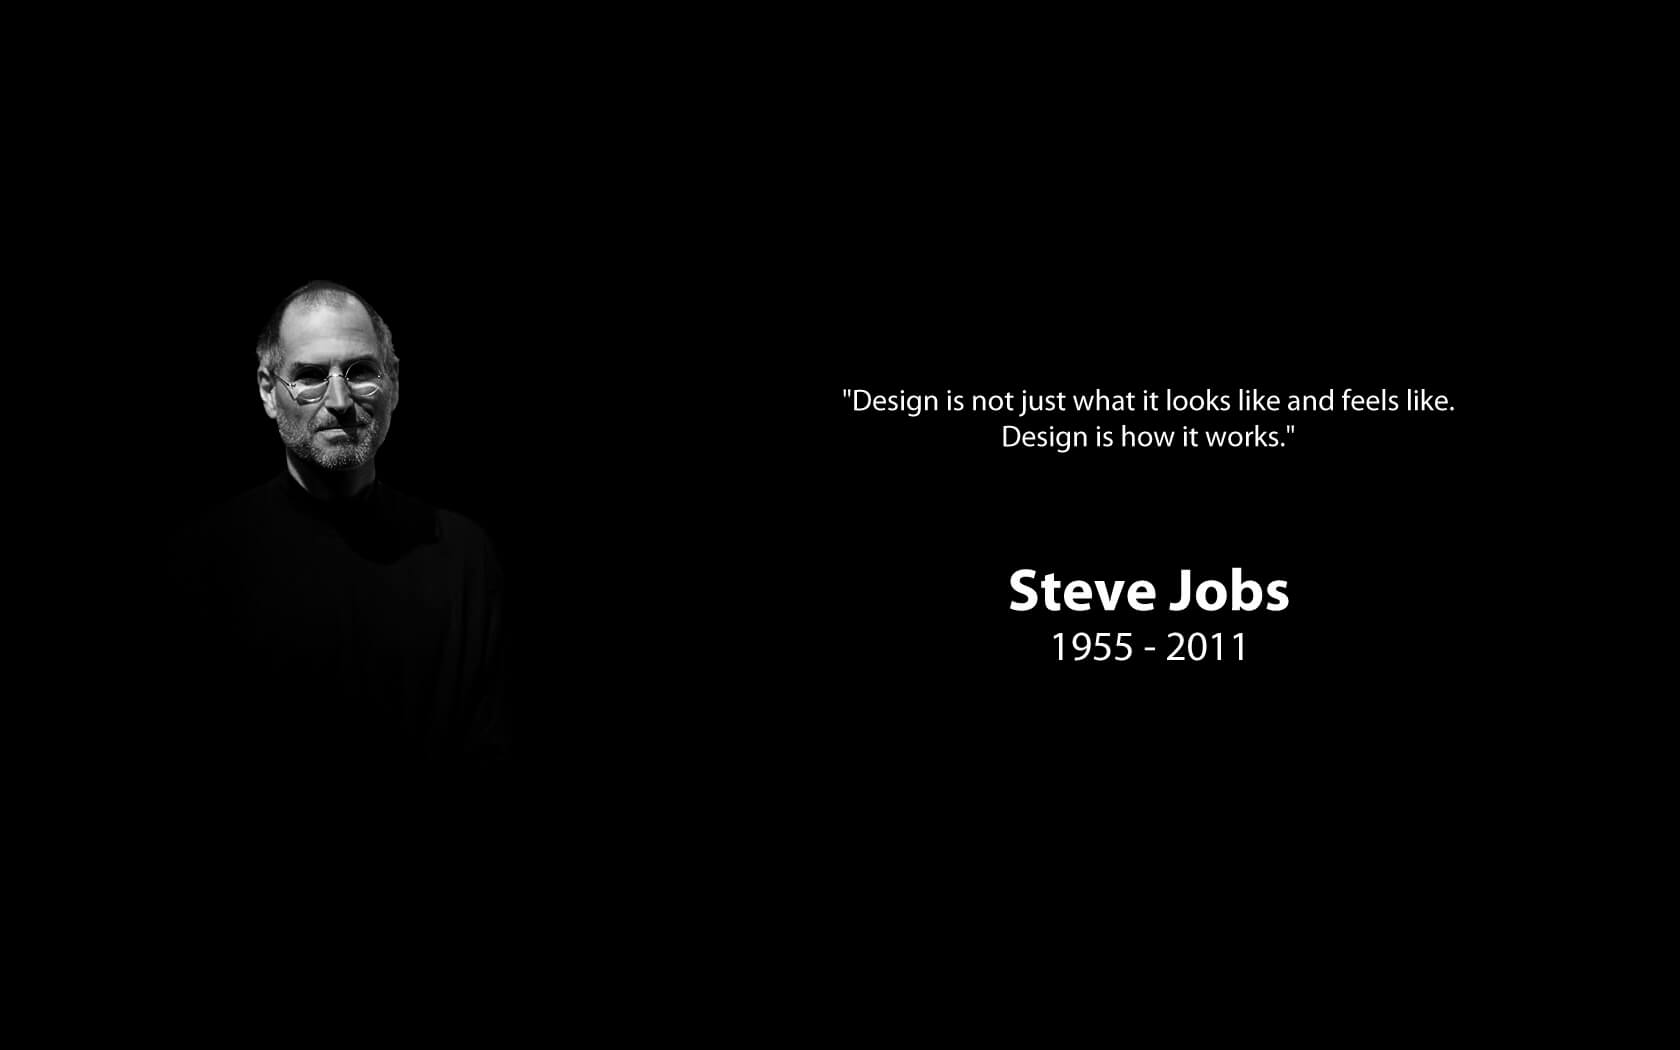 Steve Jobs Design How It Works